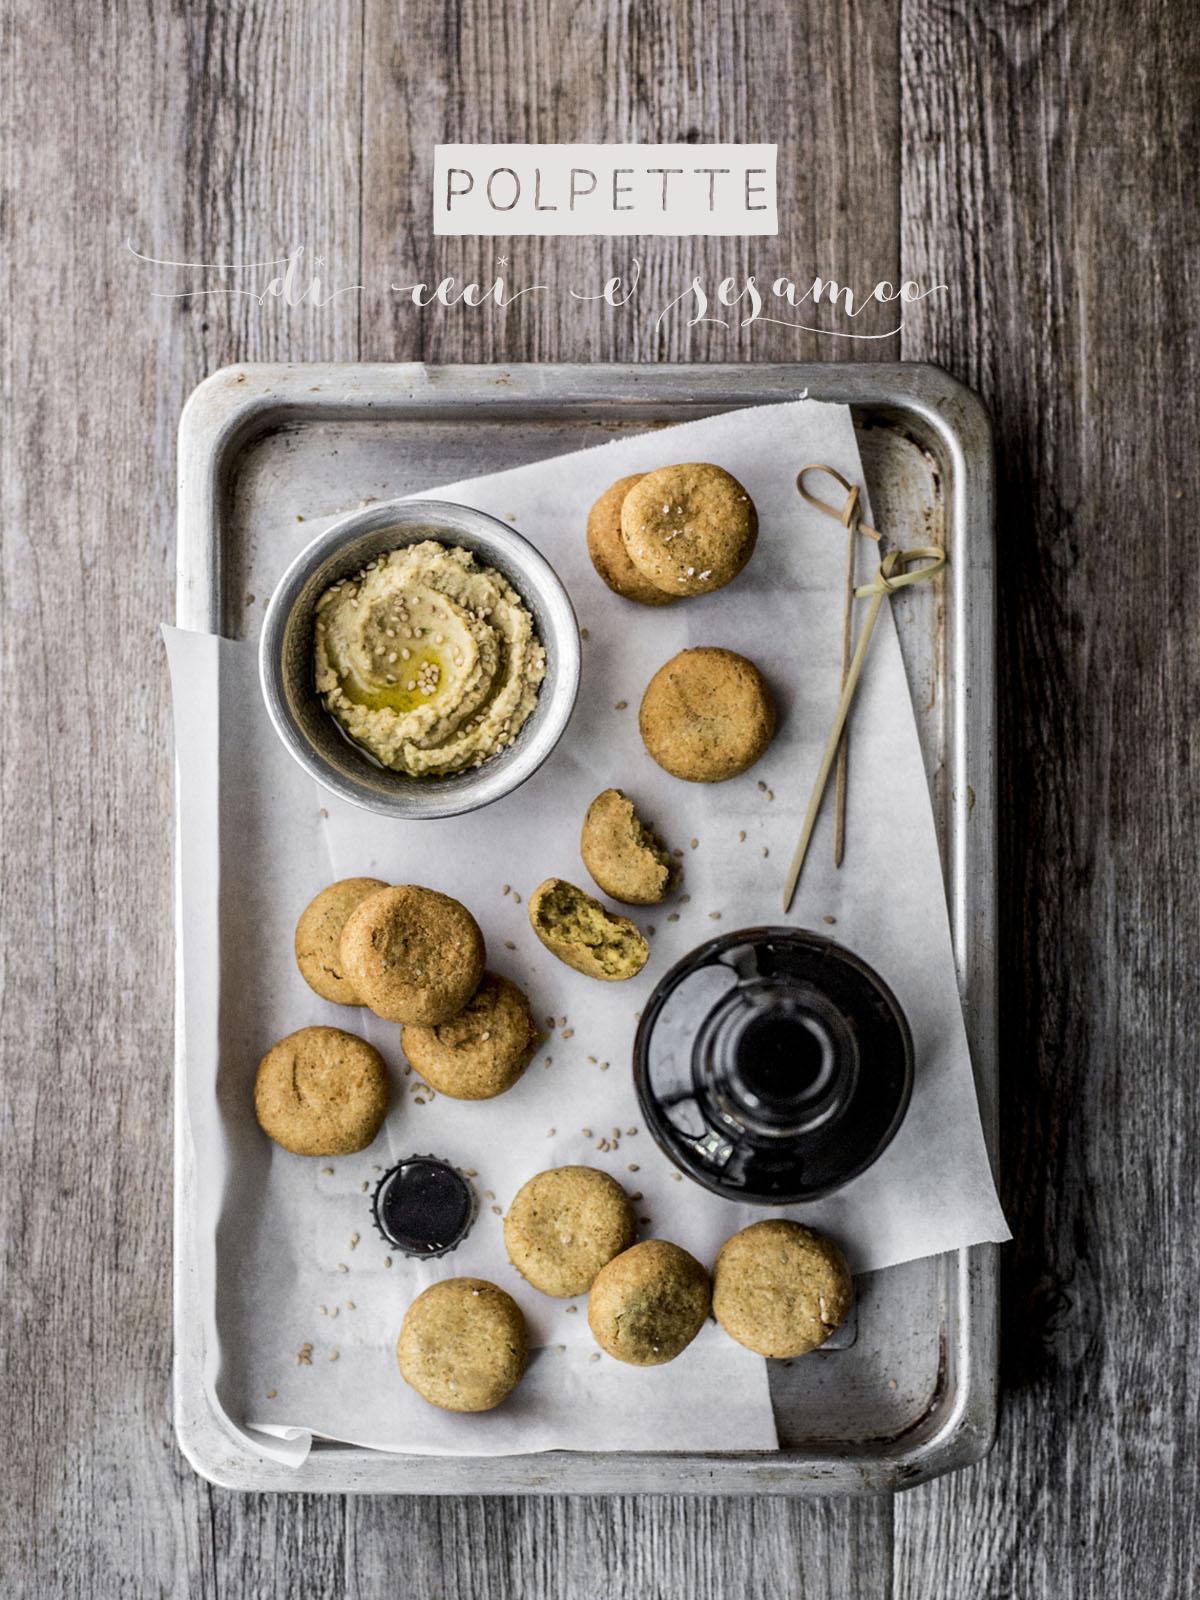 Polpette ceci e sesamo | Vaniglia Storie di Cucina